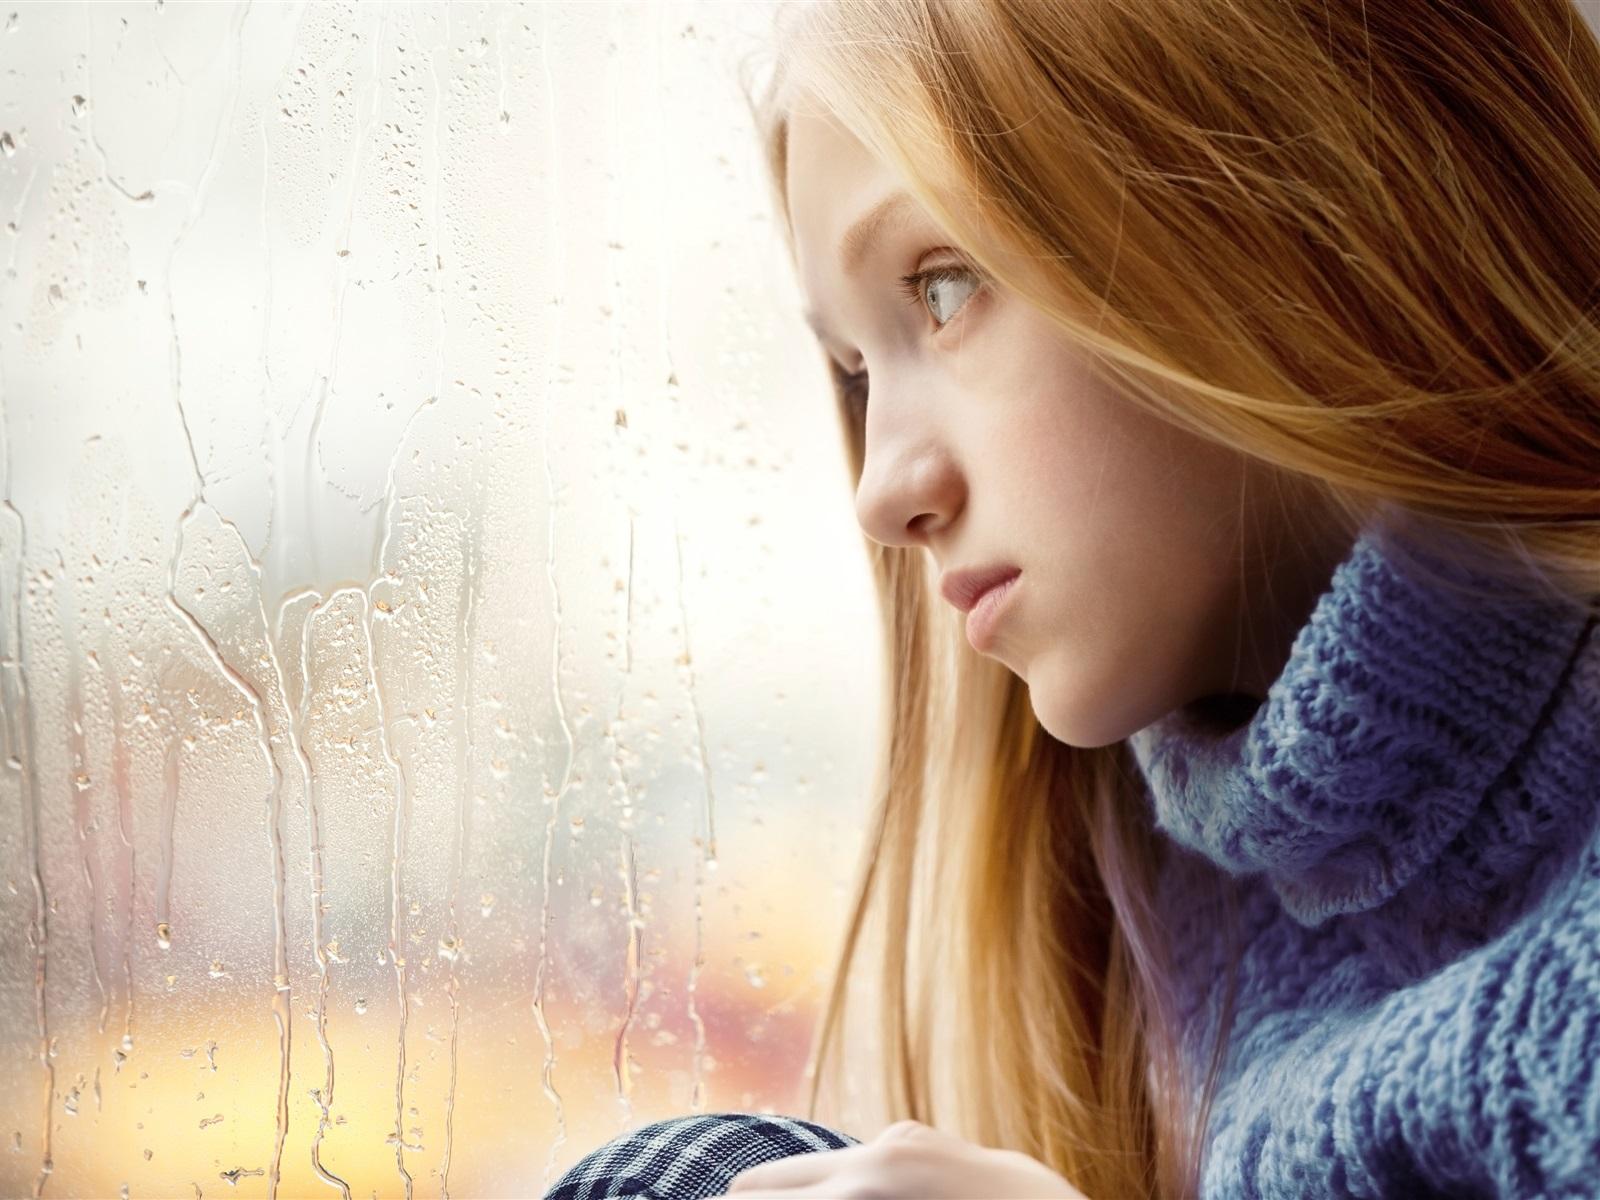 悲伤的女孩,金发,窗口,下雨天 壁纸 - 1600x1200